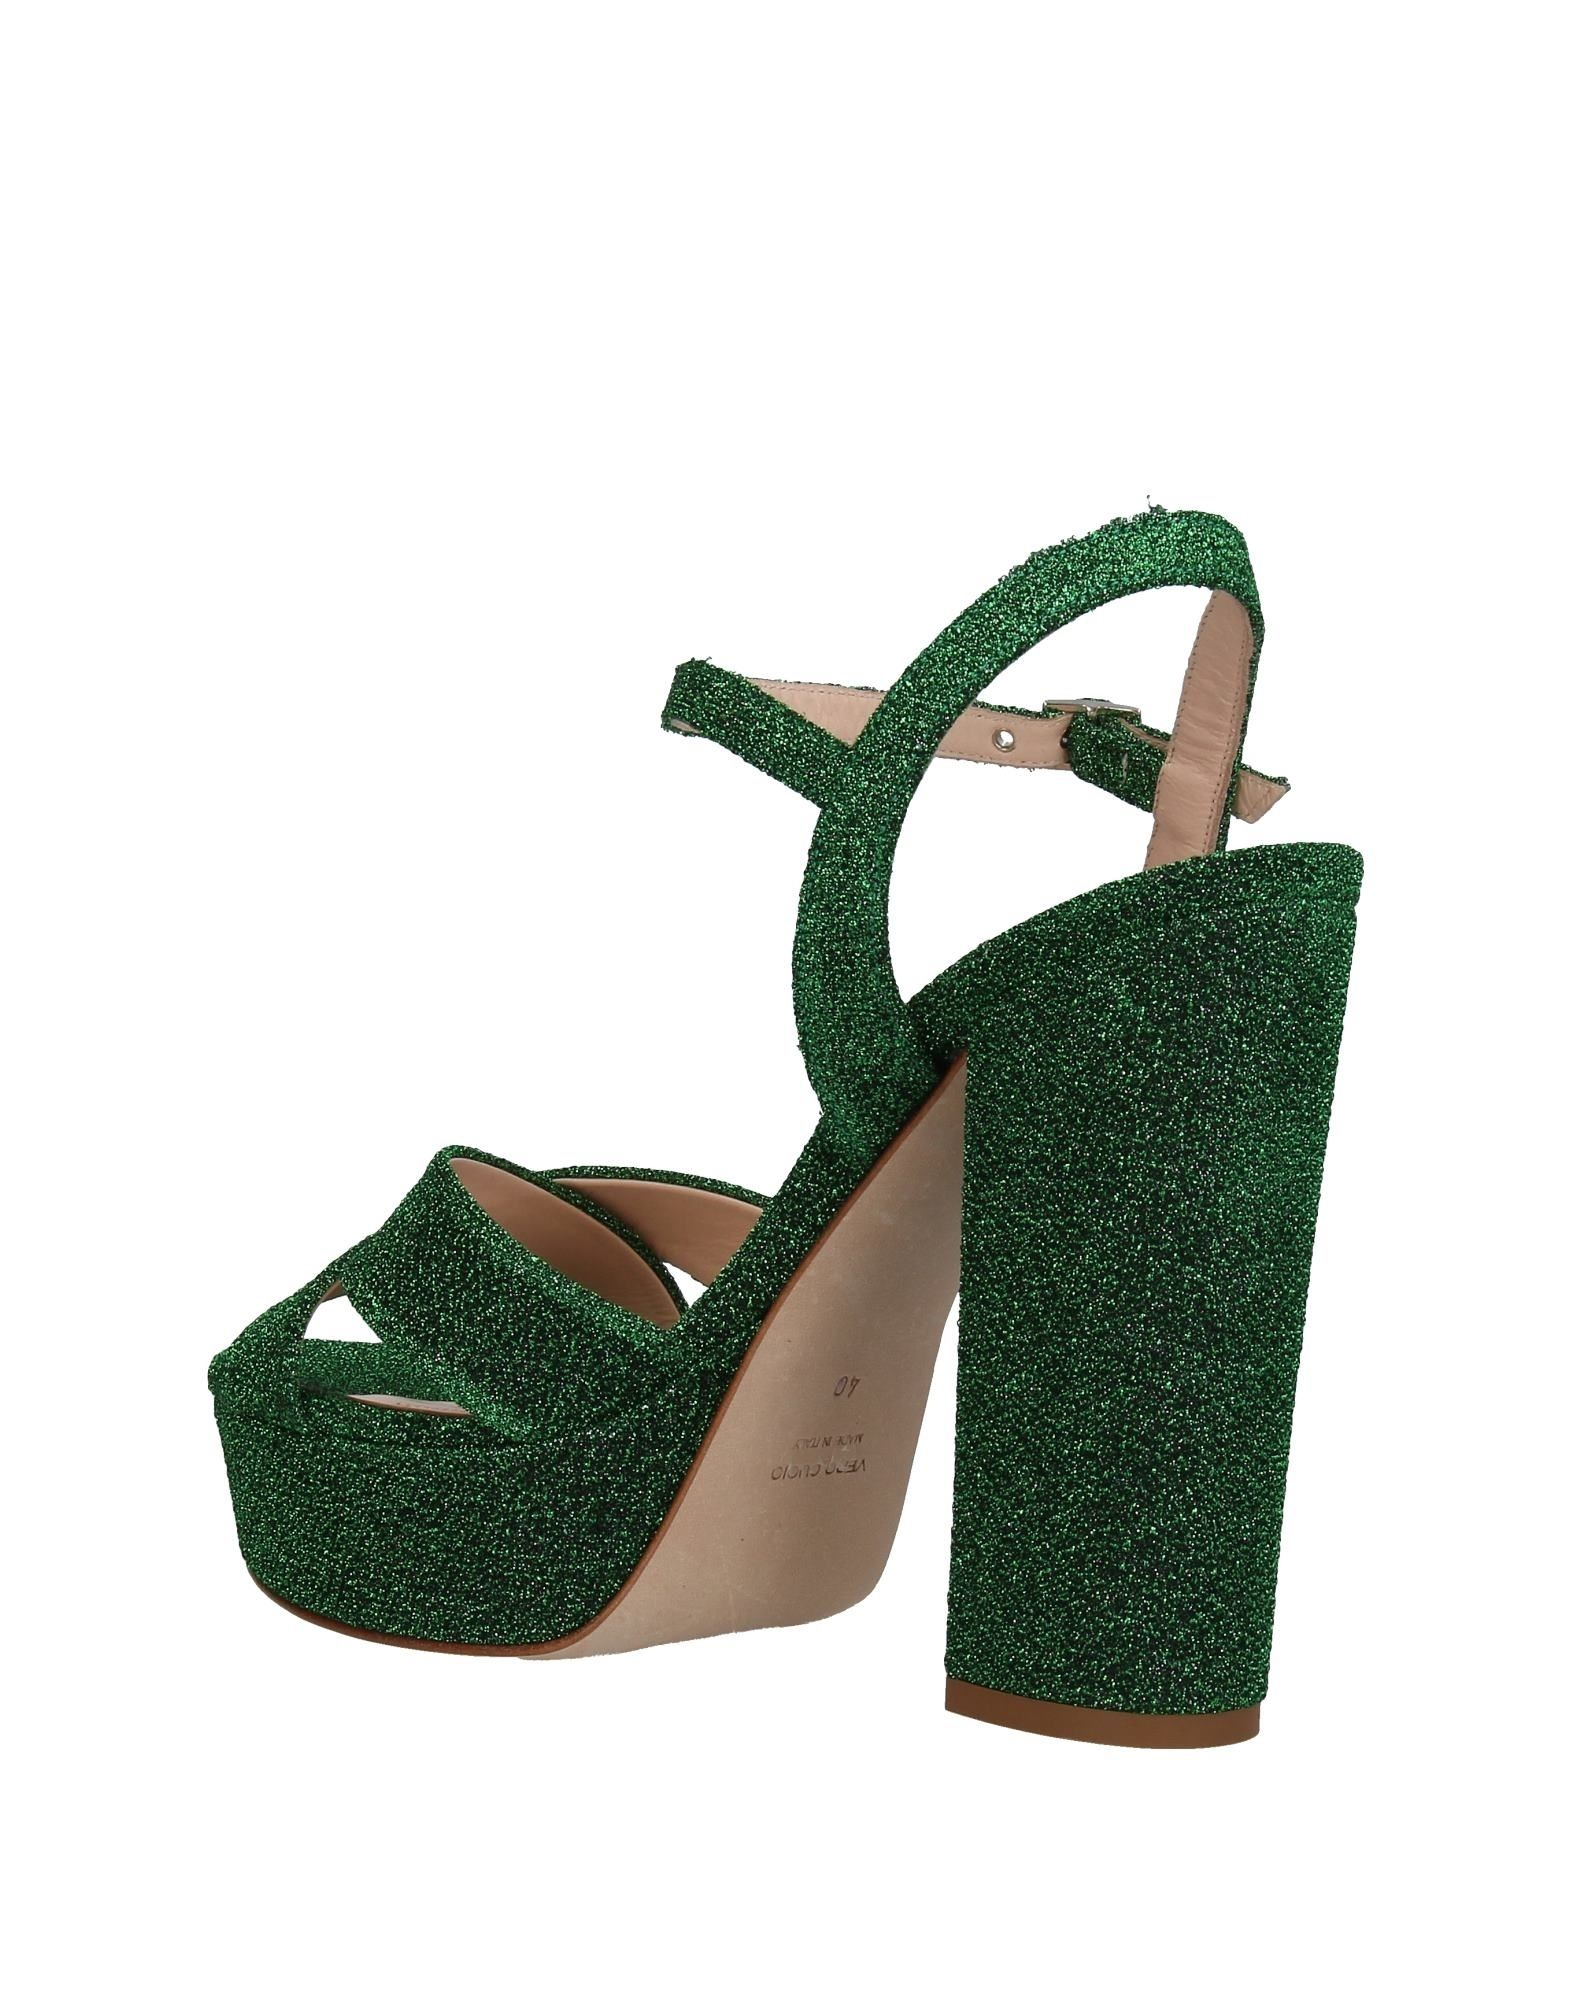 Nicole Bonnet Paris Sandalen Damen  11362414AG 11362414AG 11362414AG Neue Schuhe 1b6802